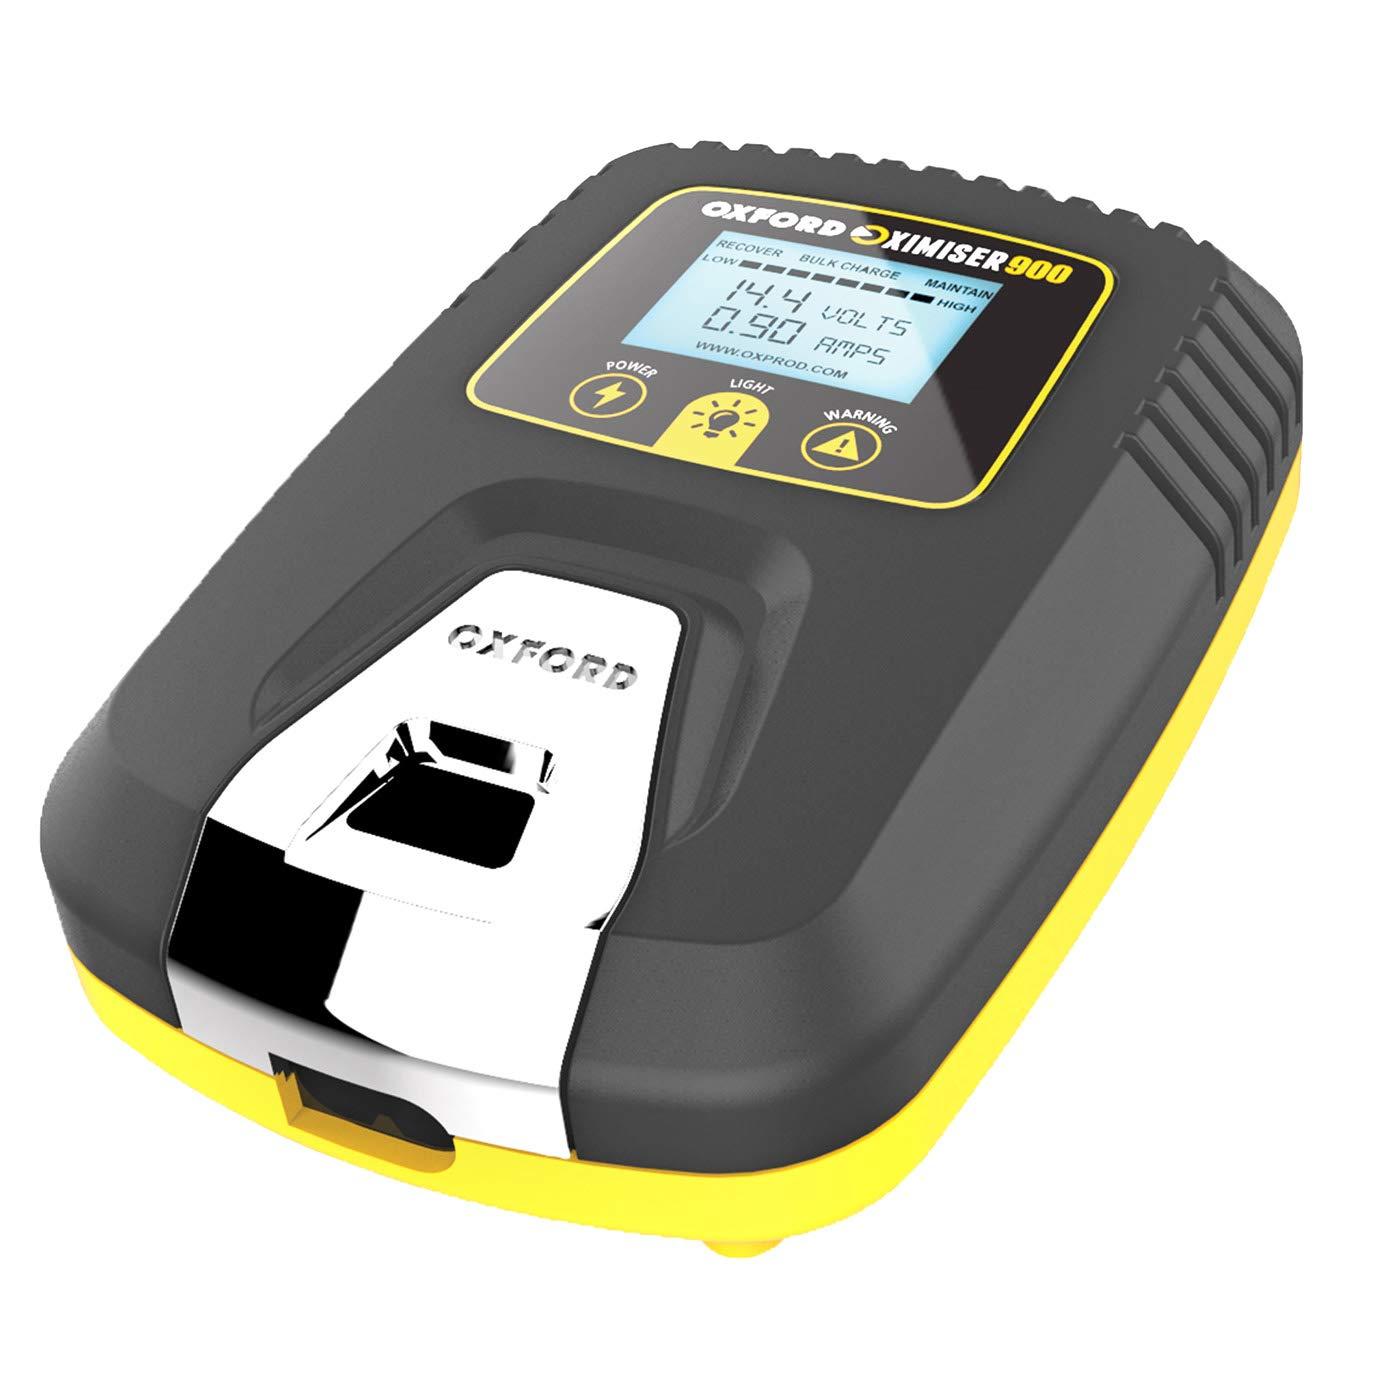 Oxford EL571USD Oximiser 900 Essential Battery Management System Charger 12V